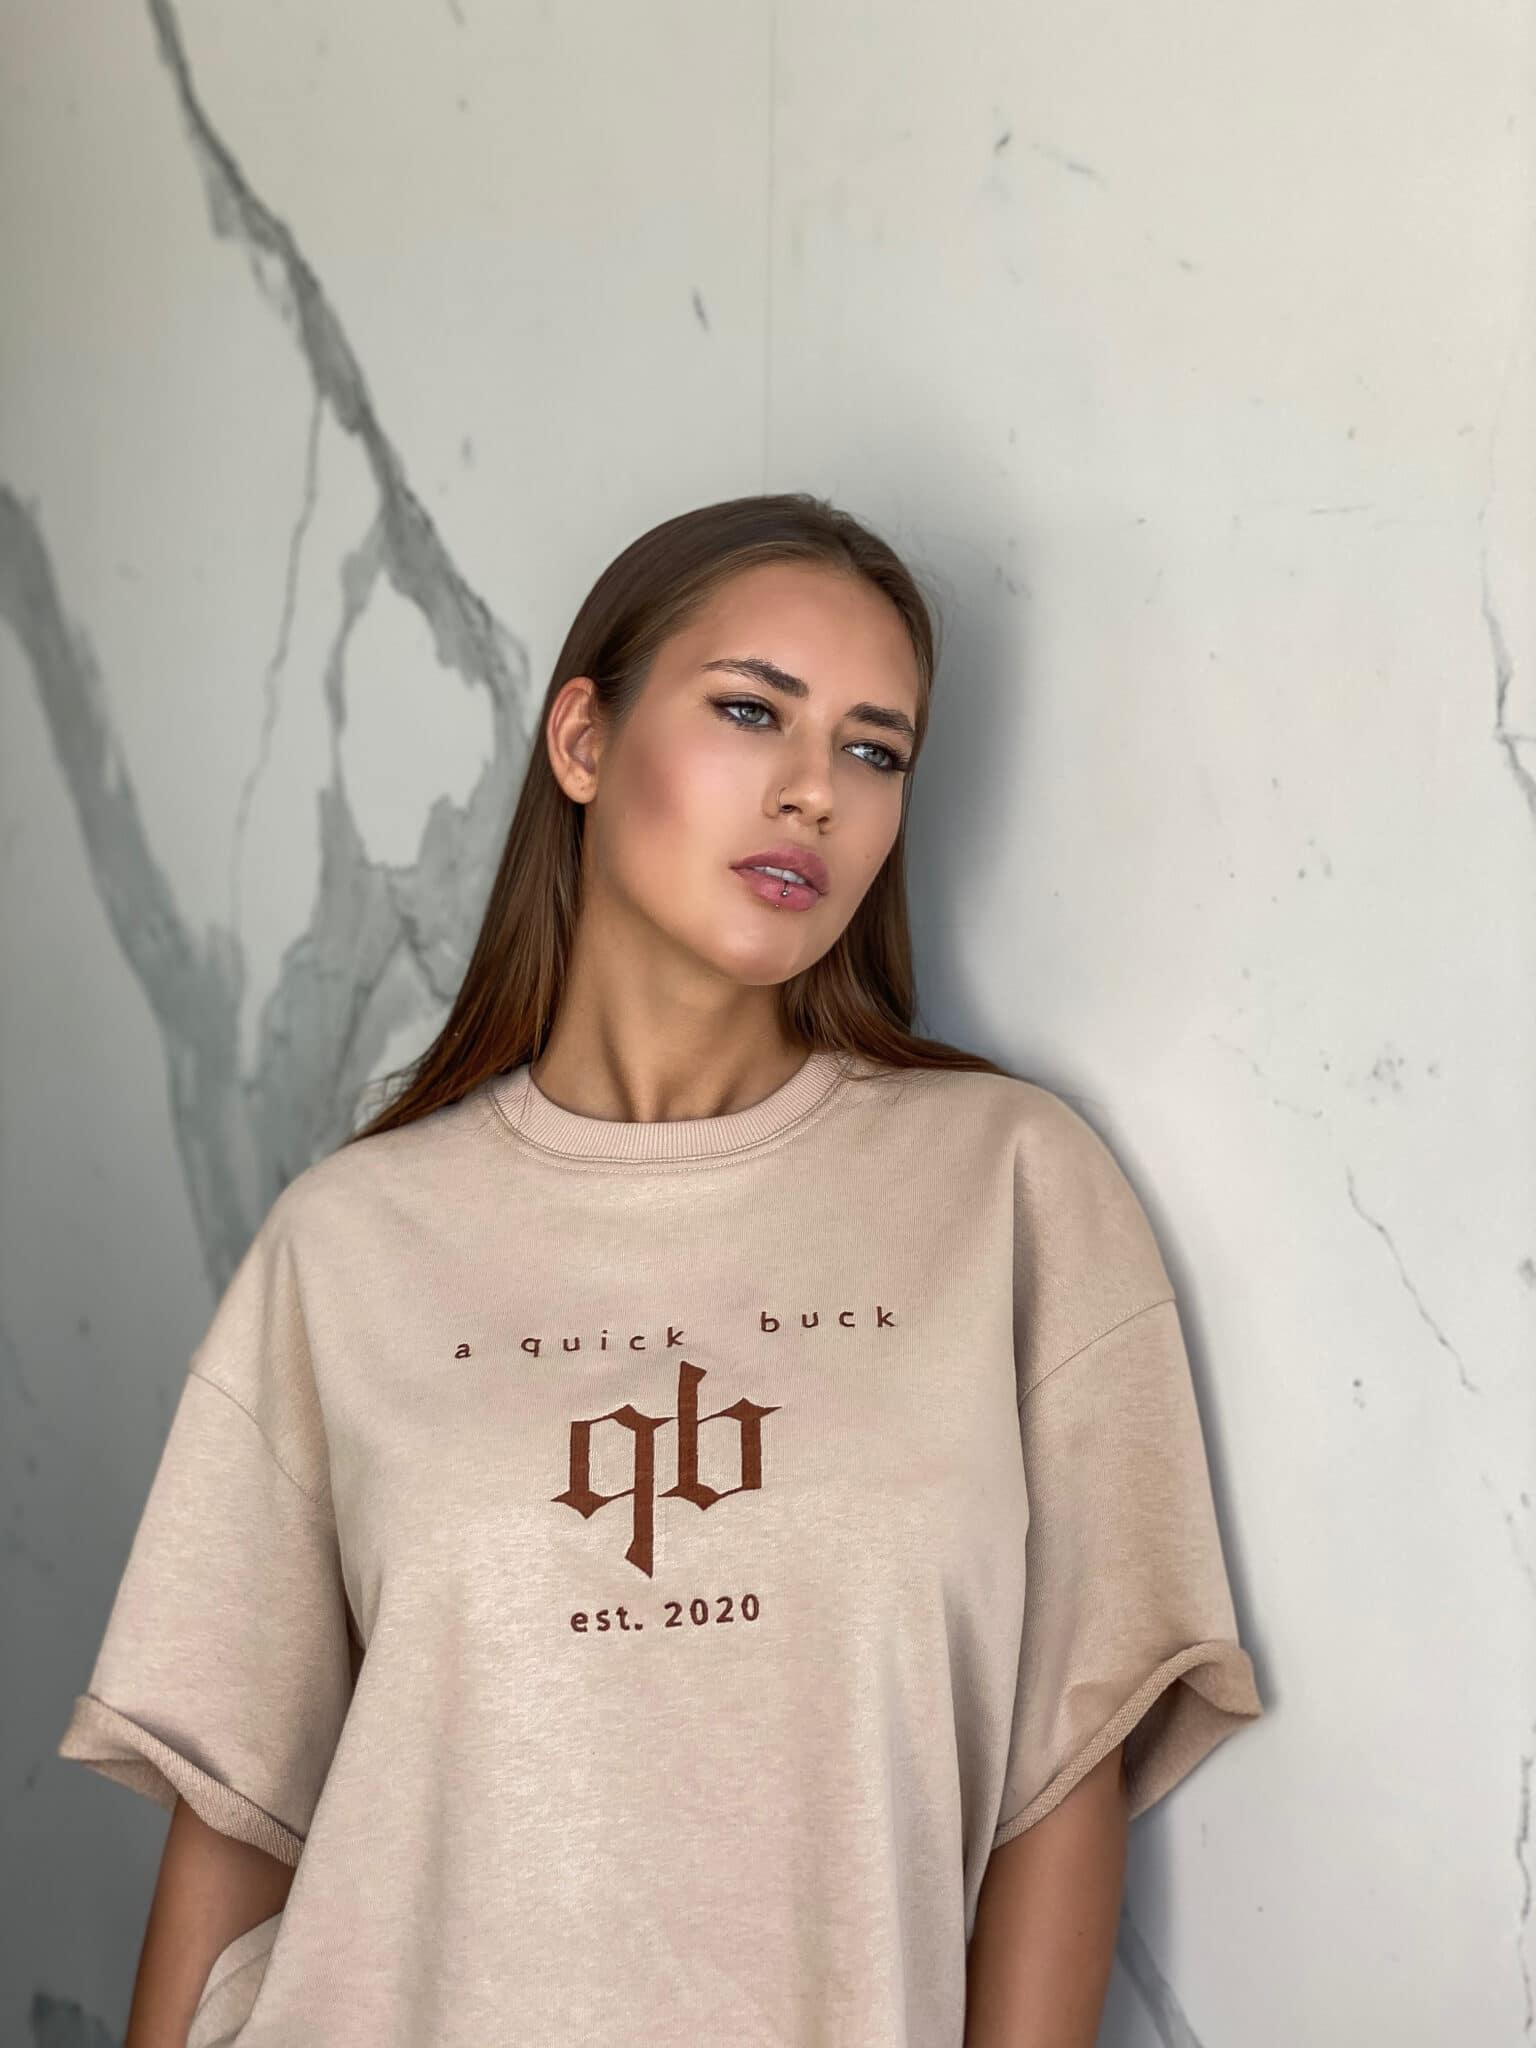 Анастасия Аникина - предпринимательница из Казани